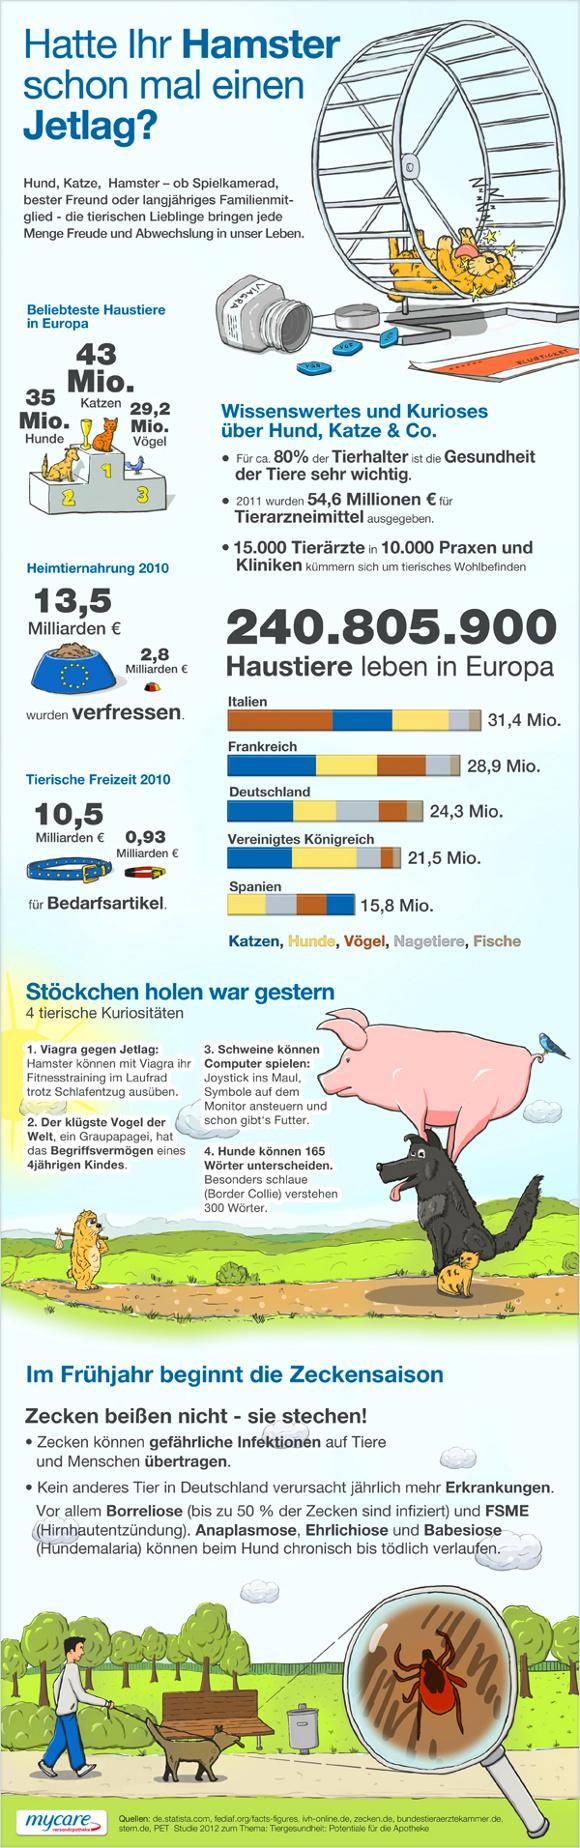 Hatte ihr Hamster schon mal einen Jetlag?  Witzige Grafik angereichert mit Fakten rund um Haustiere. Ergänzt werden diese durch vier kuriose Eigenschaften von Tieren und ein Hinweis zur Zeckensaison.